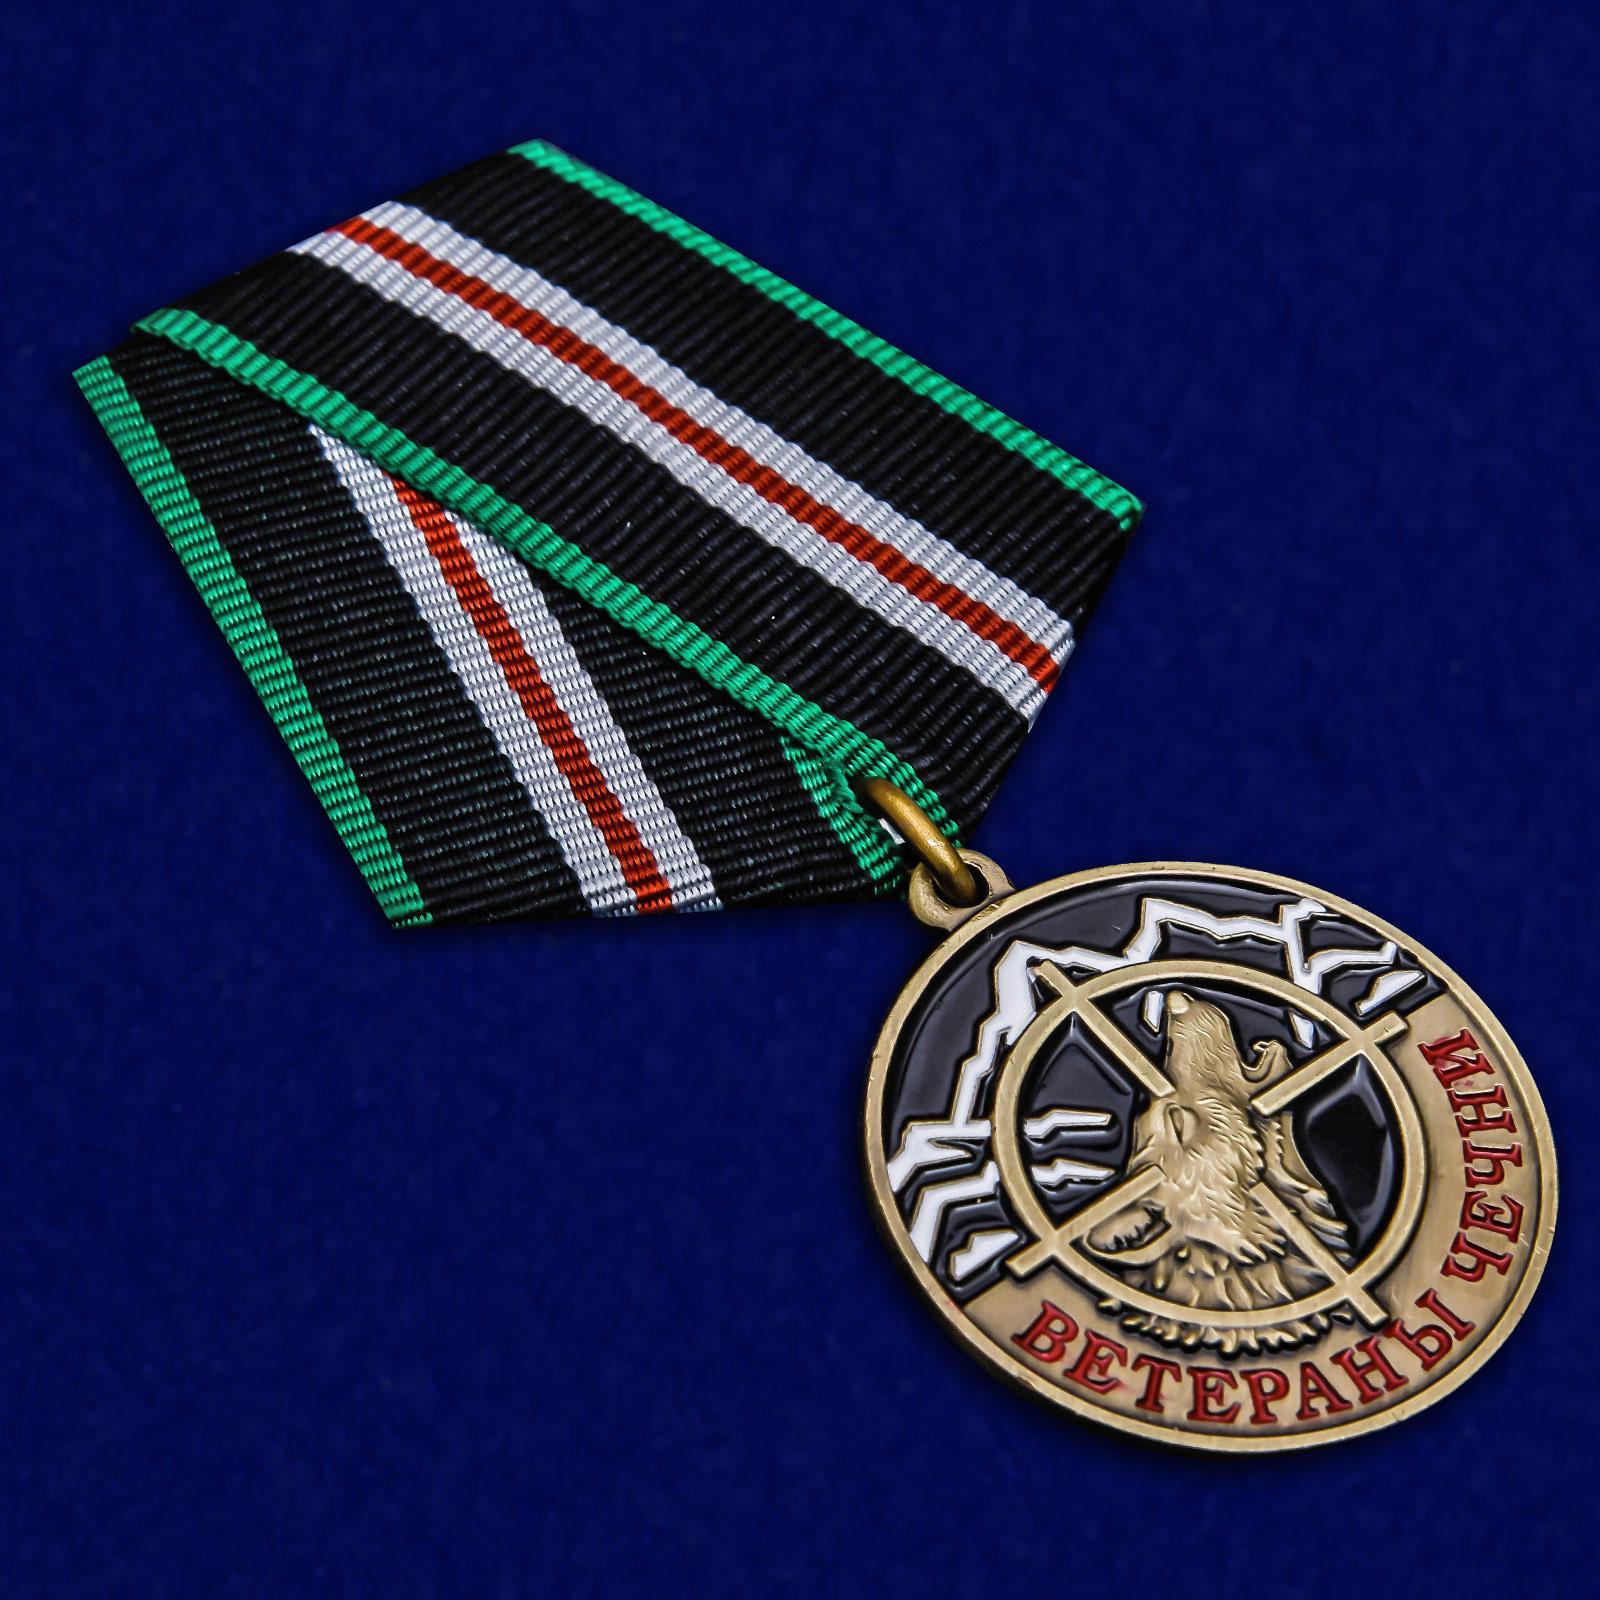 Памятная медаль Ветераны Чечни в футляре - общий вид